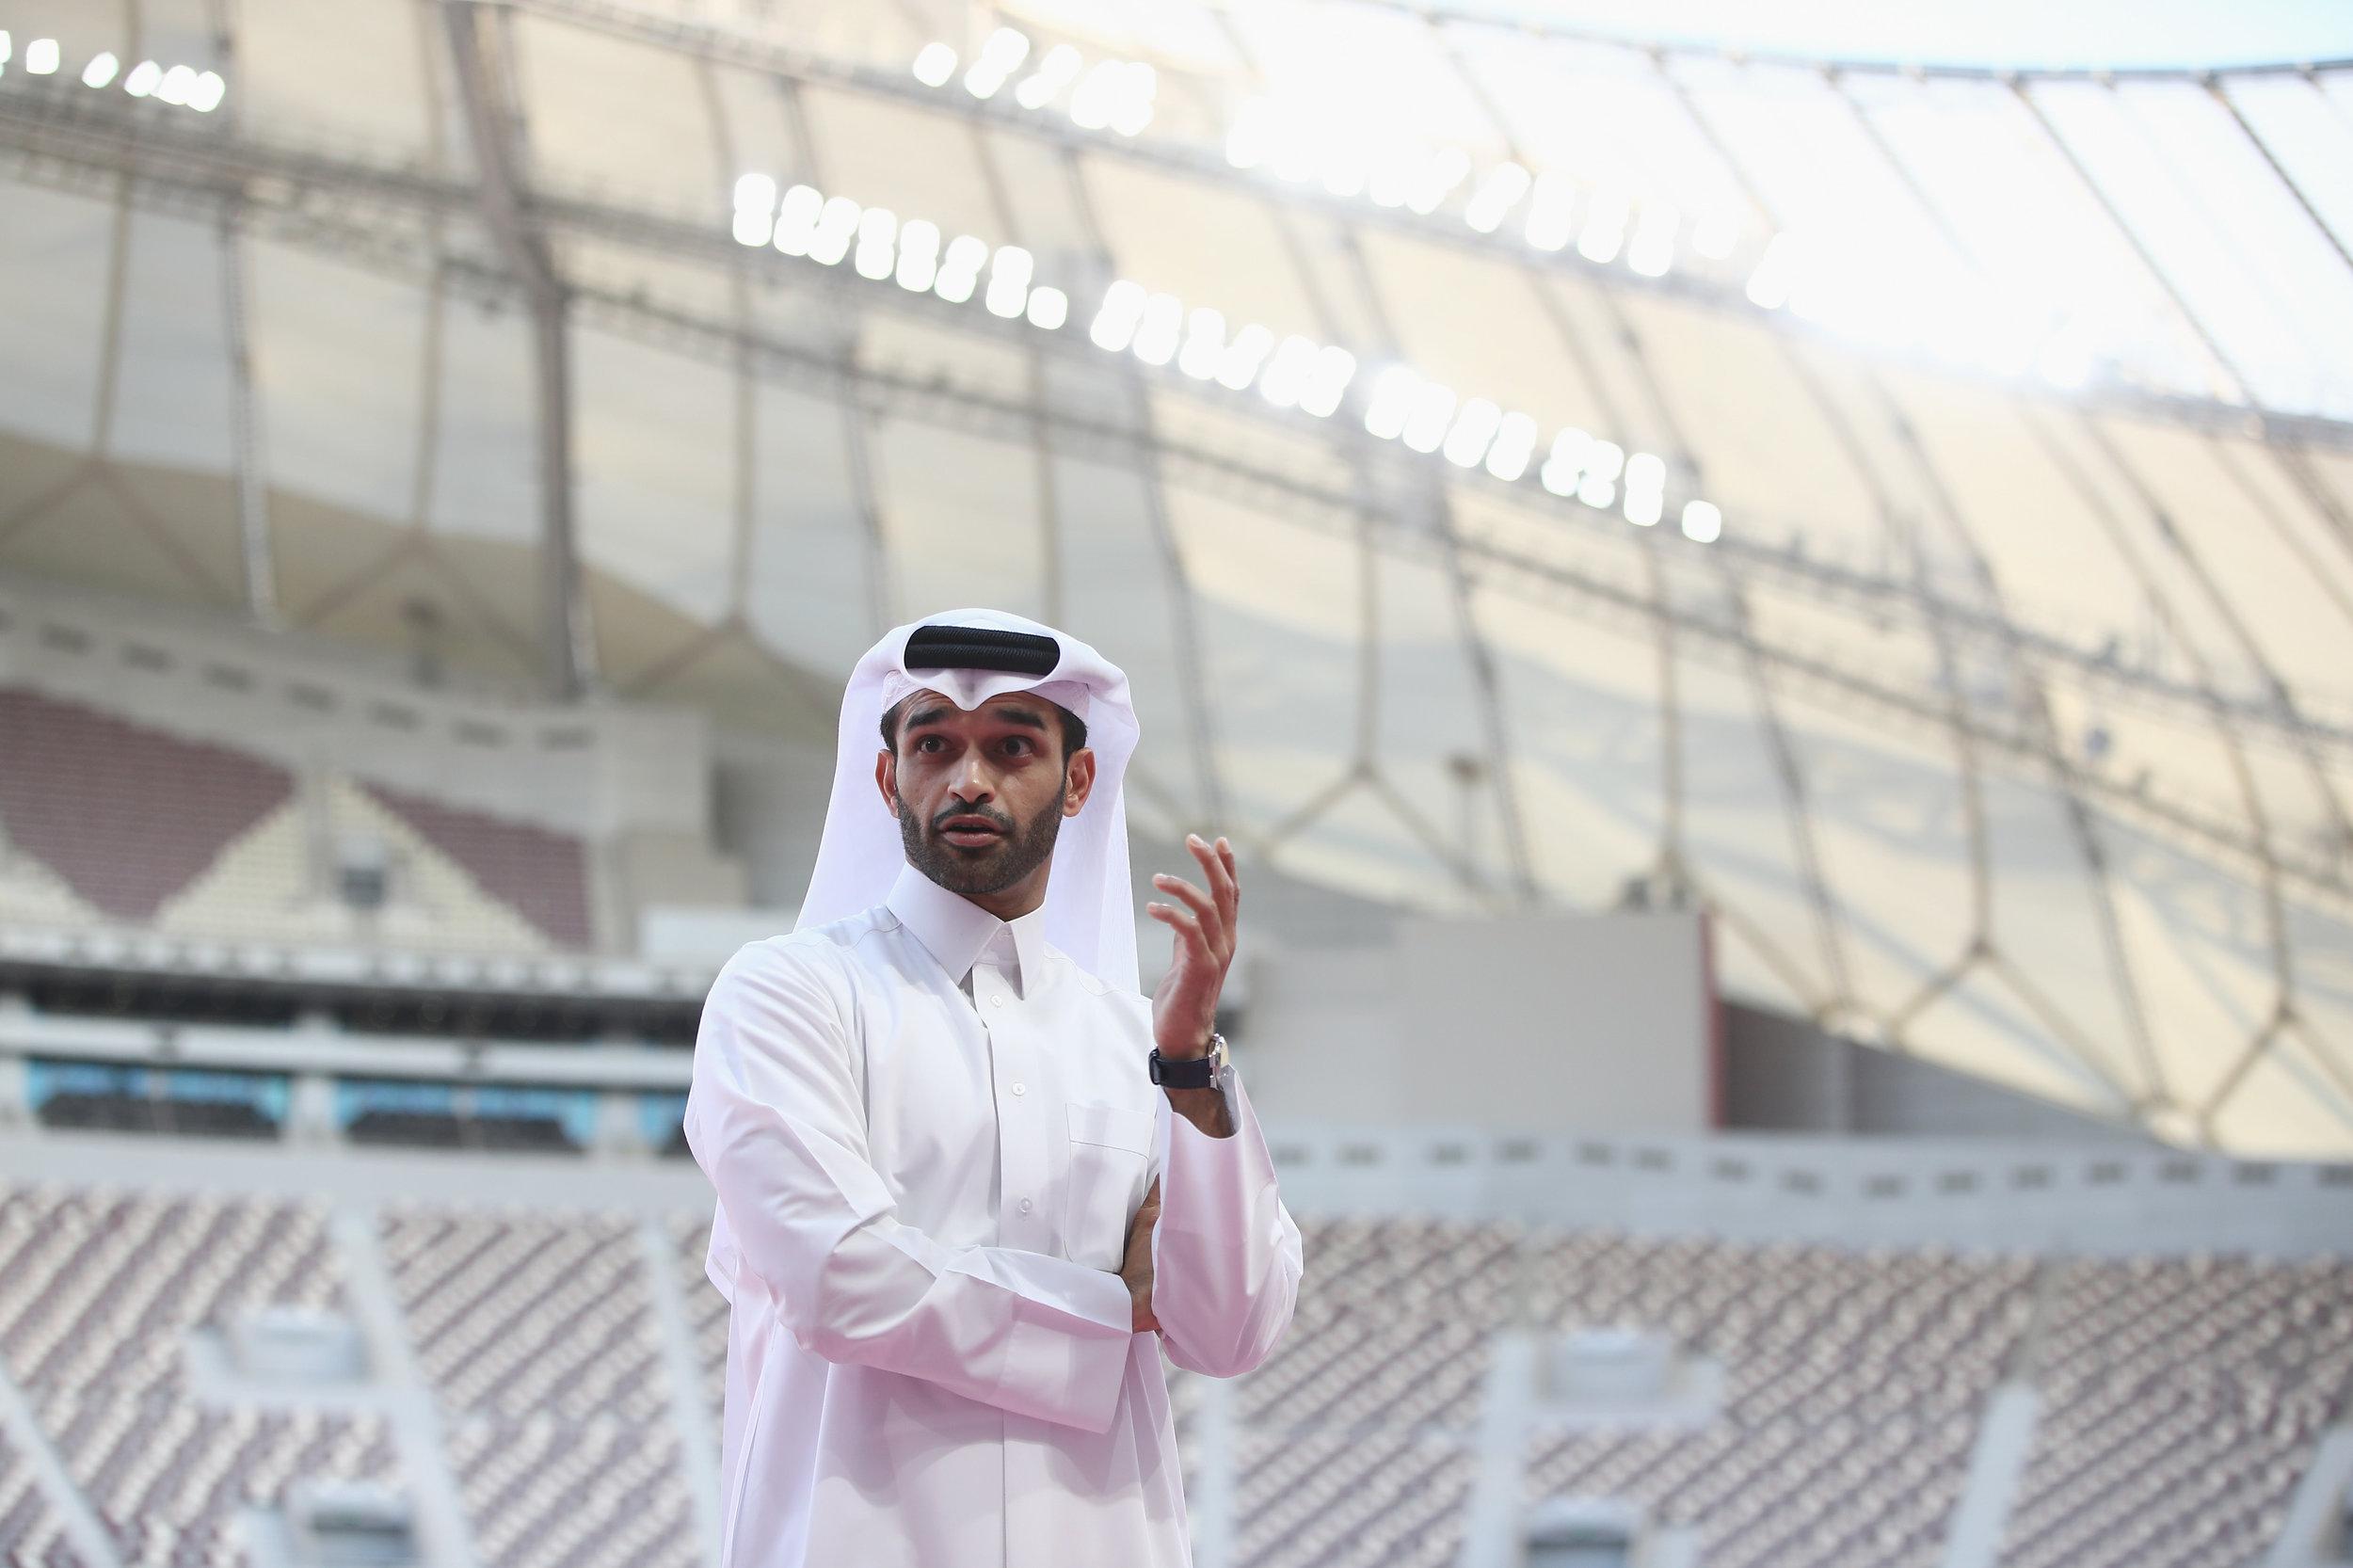 Hassan Al Thawadi er generelsekretær for Qatars værtsskab i 2022. Foto: Getty Images